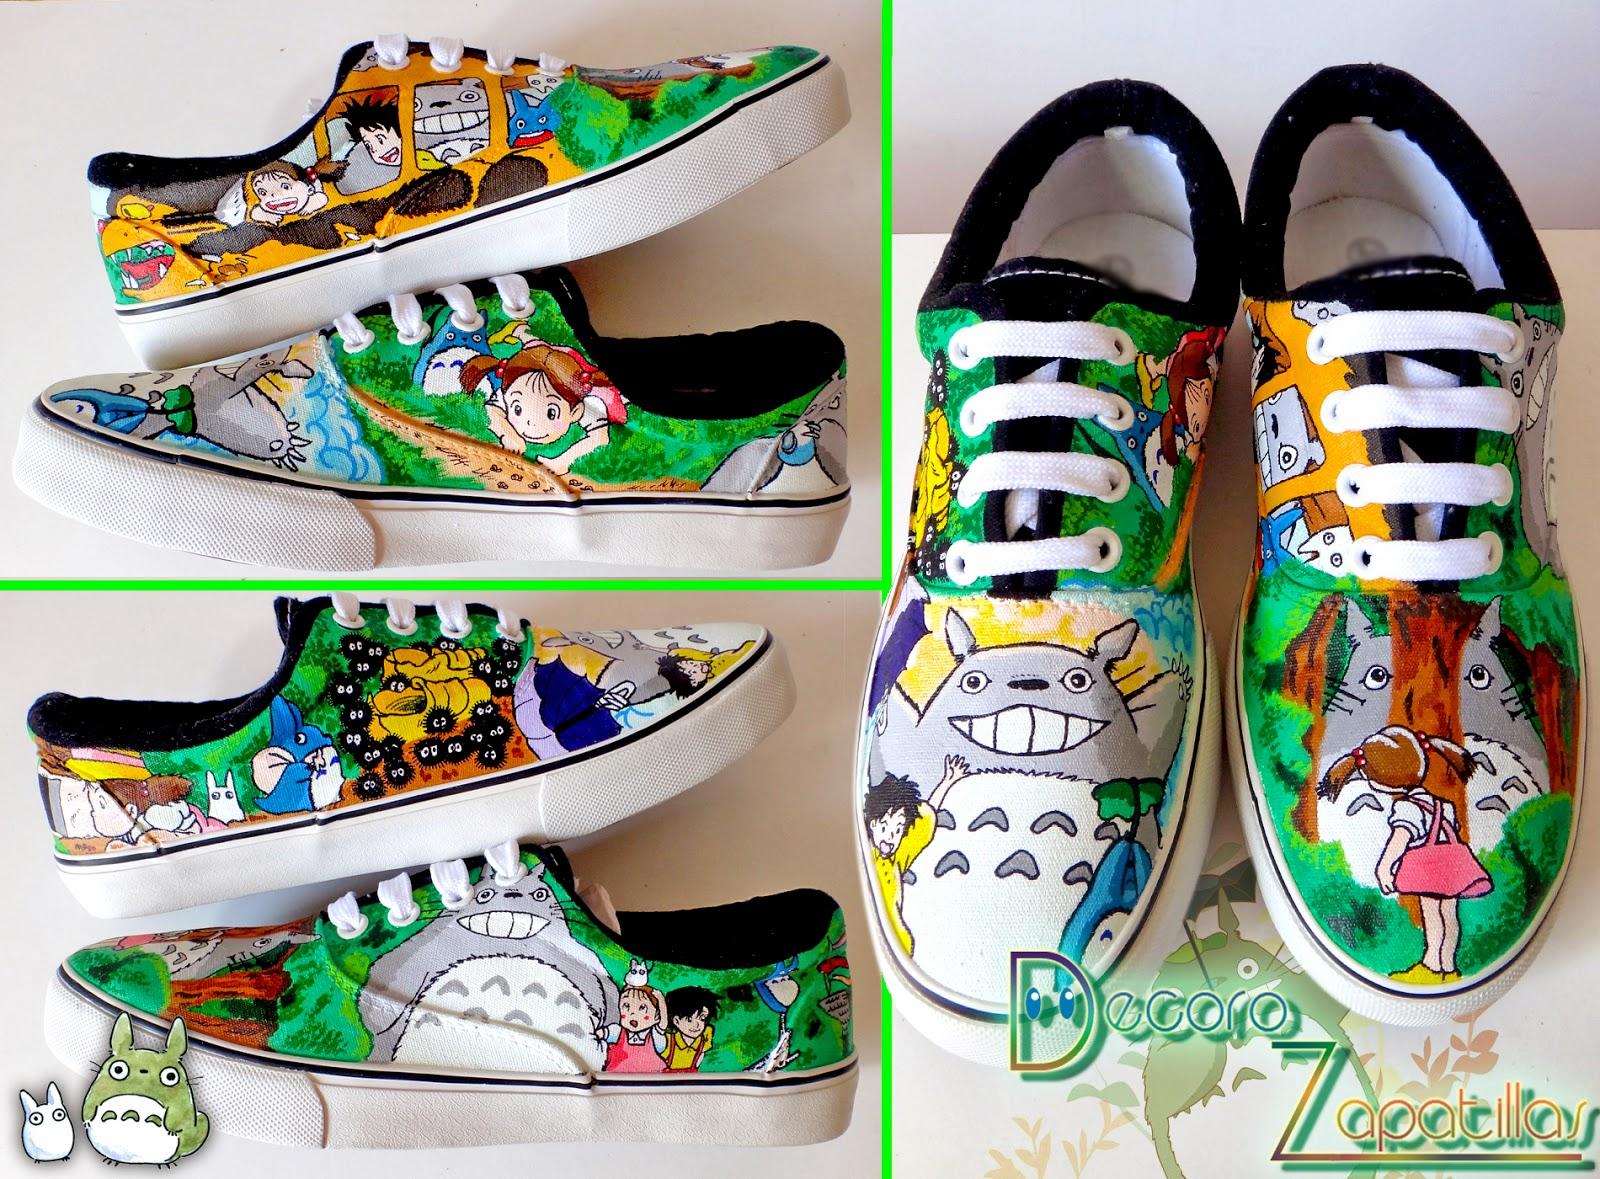 imagenes de zapatillas vans originales - Vans Facebook